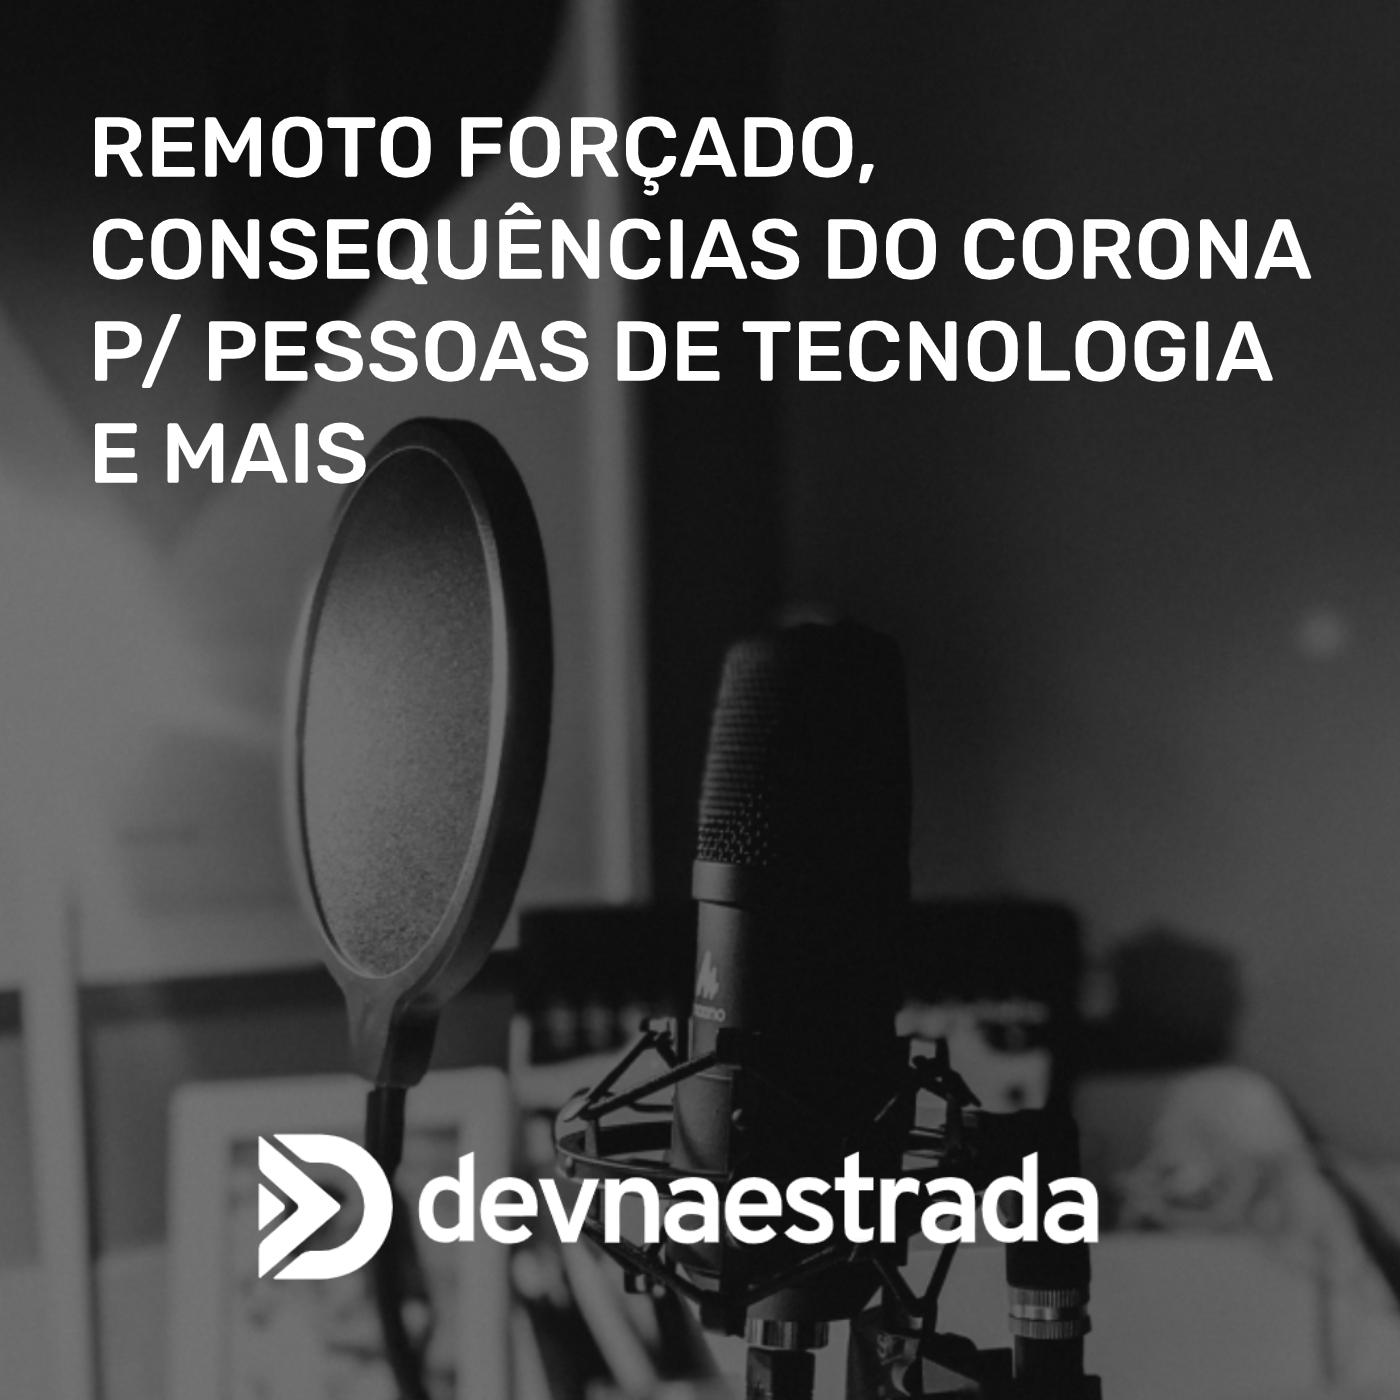 Remoto Forçado, Consequências do Corona p/ pessoas de tecnologia e mais